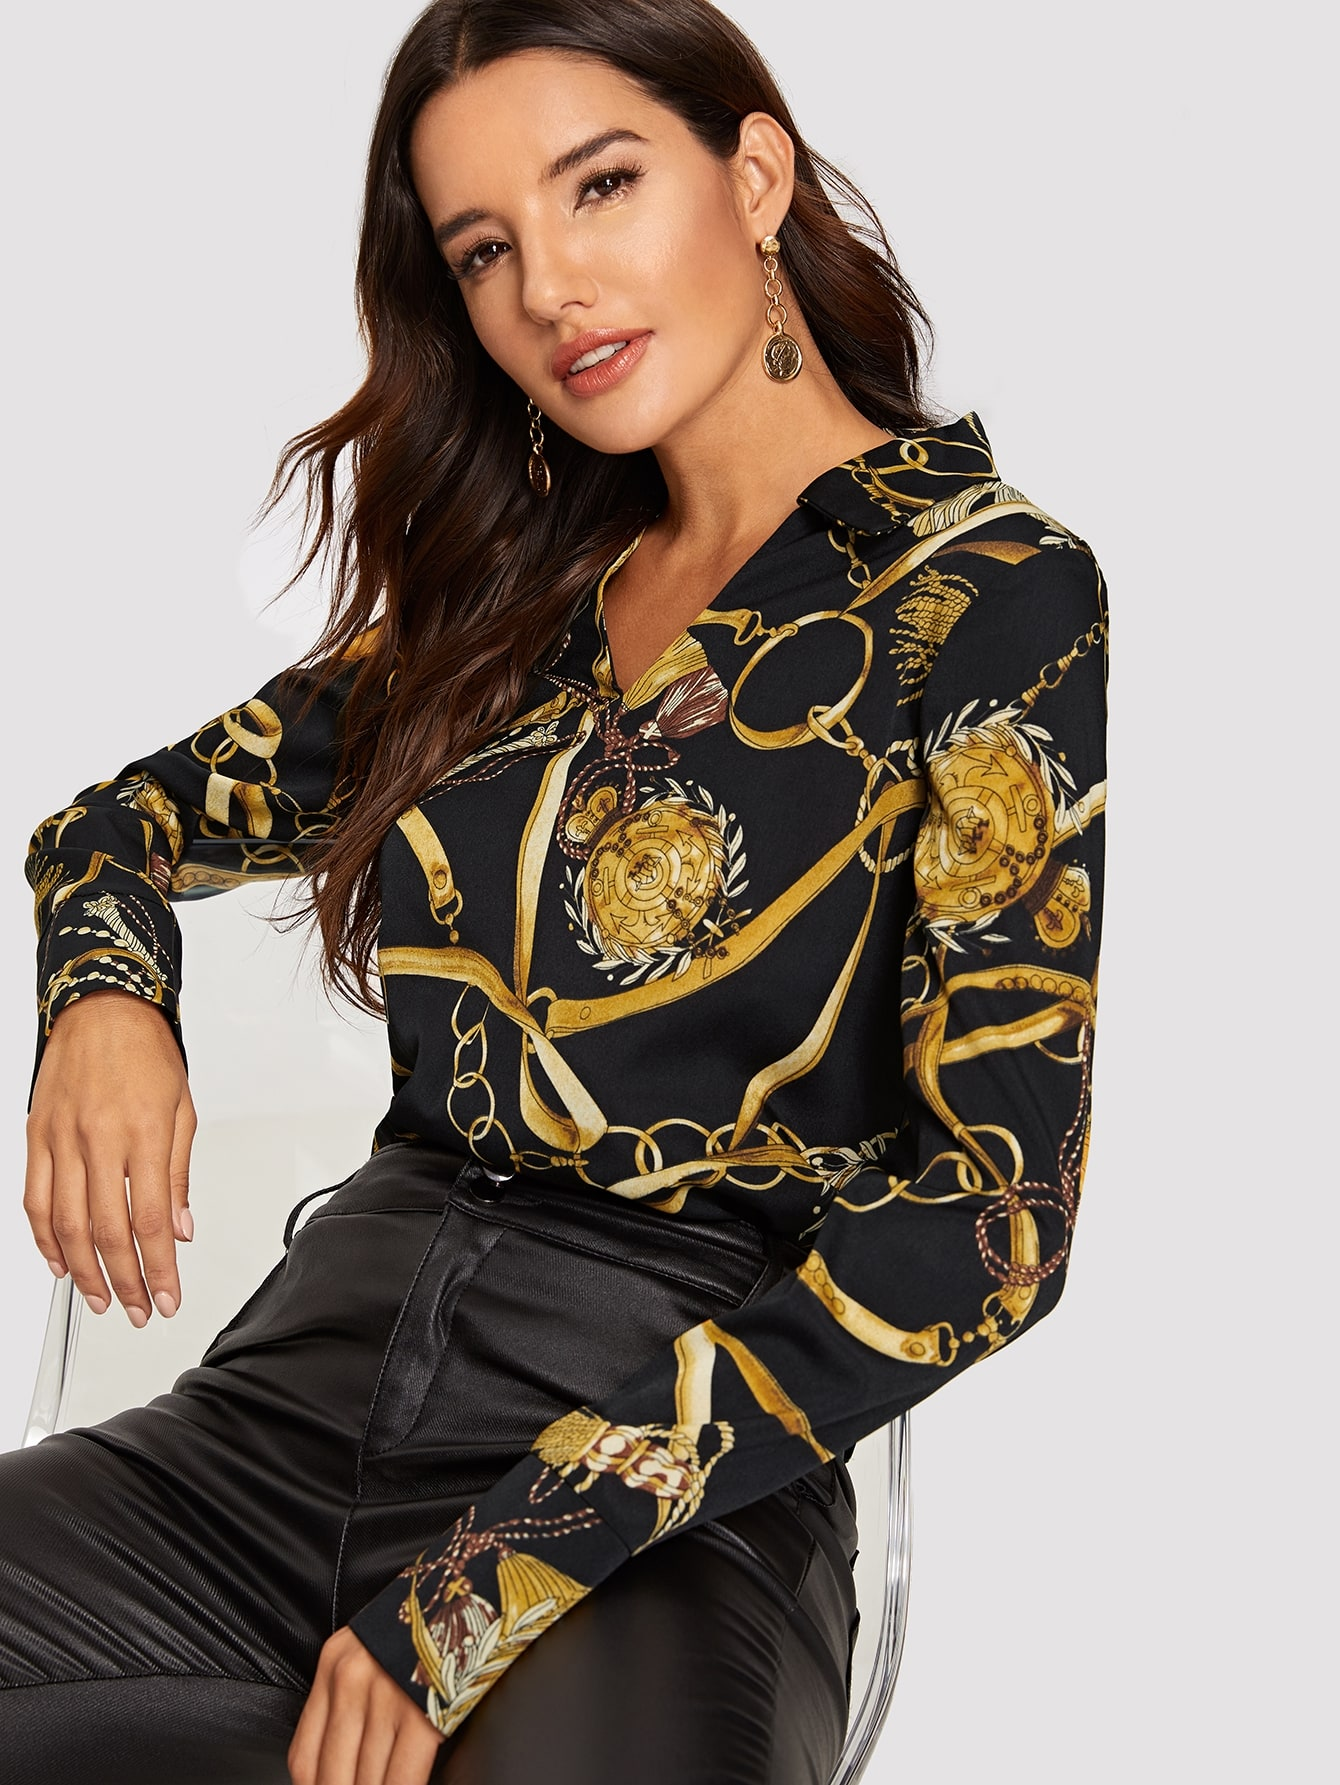 Блузка с выгнутым подолом и цепным принтом, Juliana, SheIn  - купить со скидкой